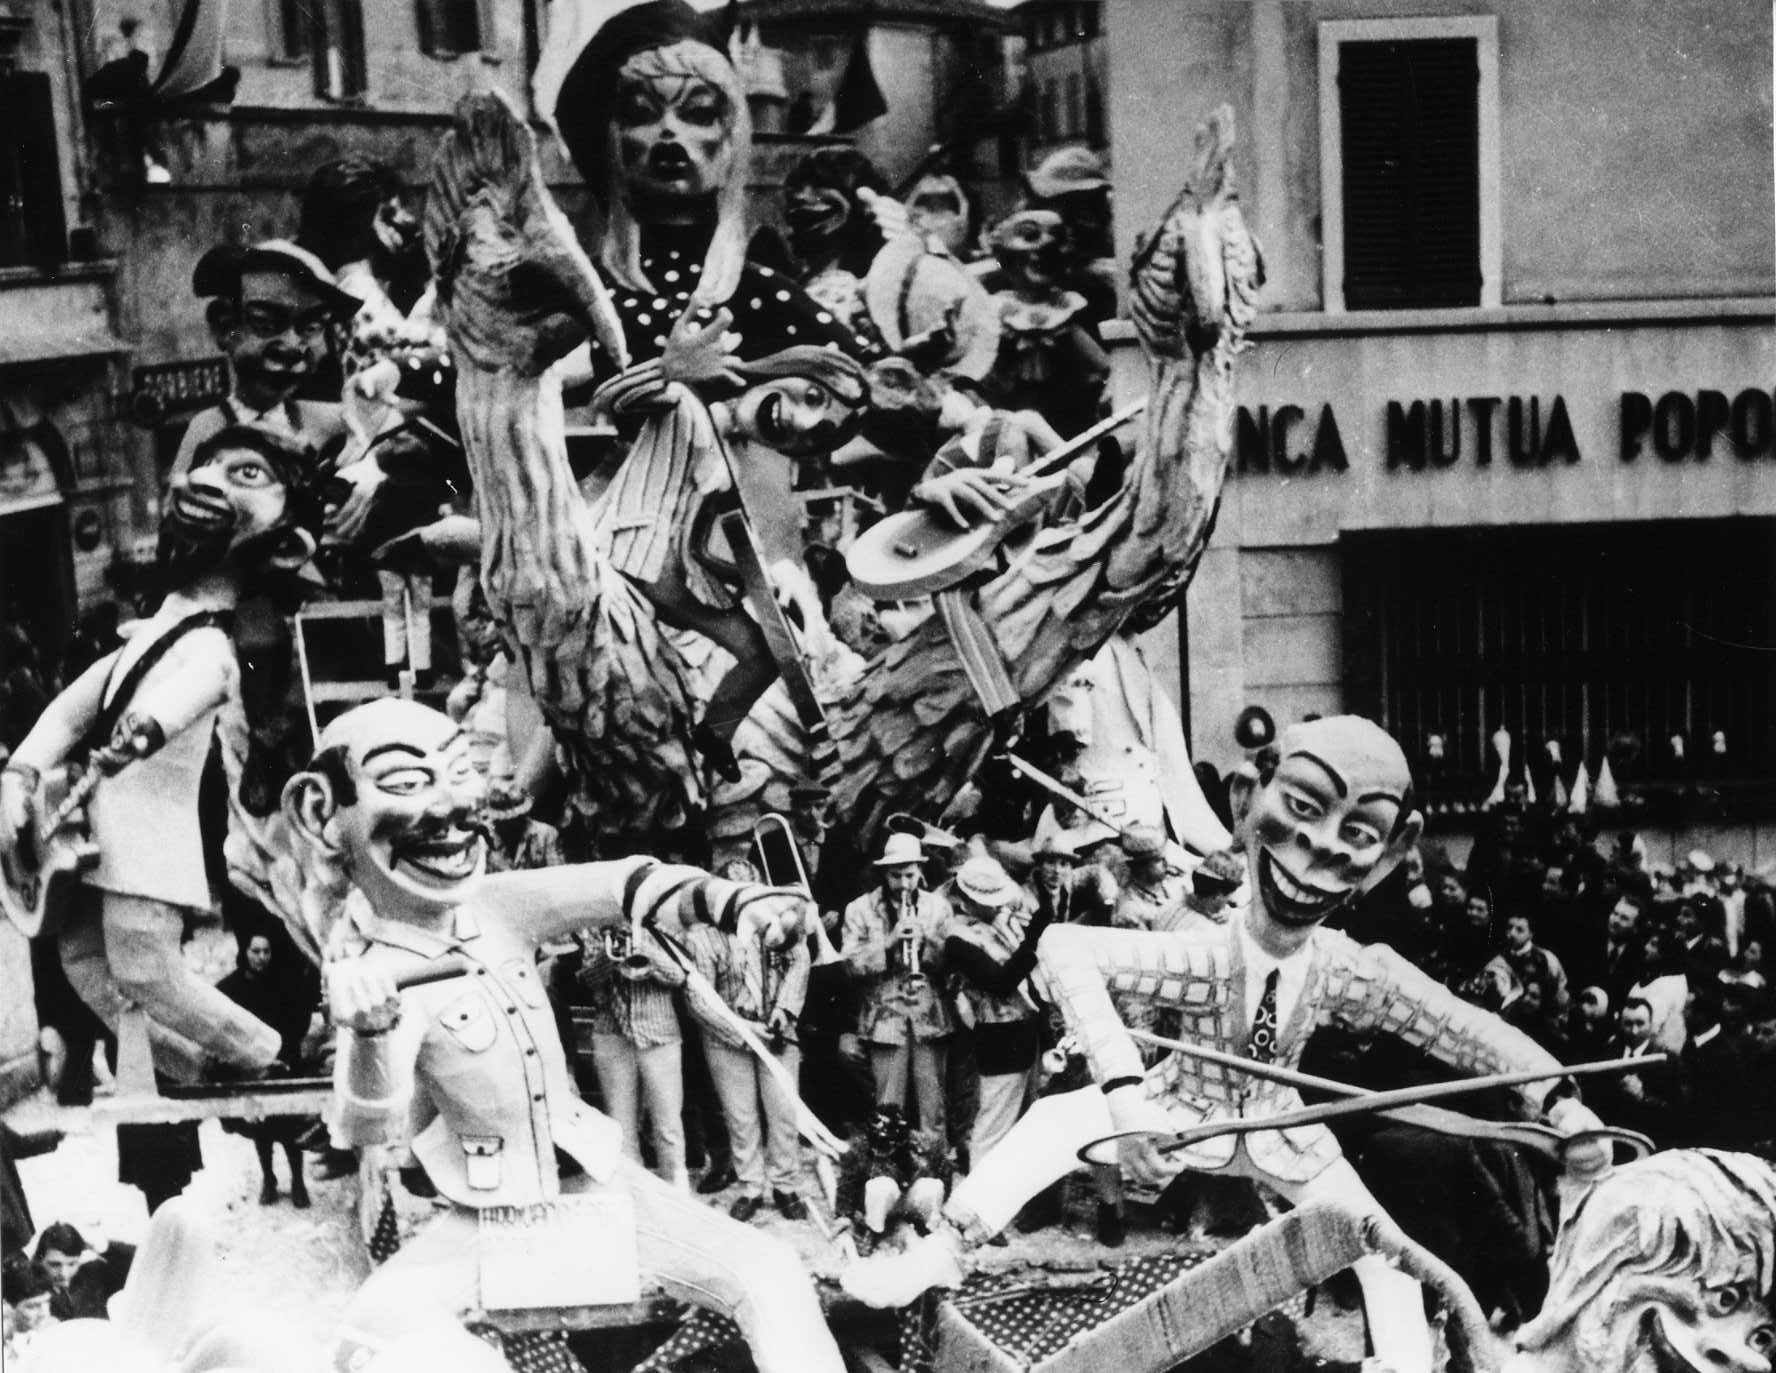 ARRIVANO I BEATS... AZIONE DI RIGETTO CHIANINO-1968